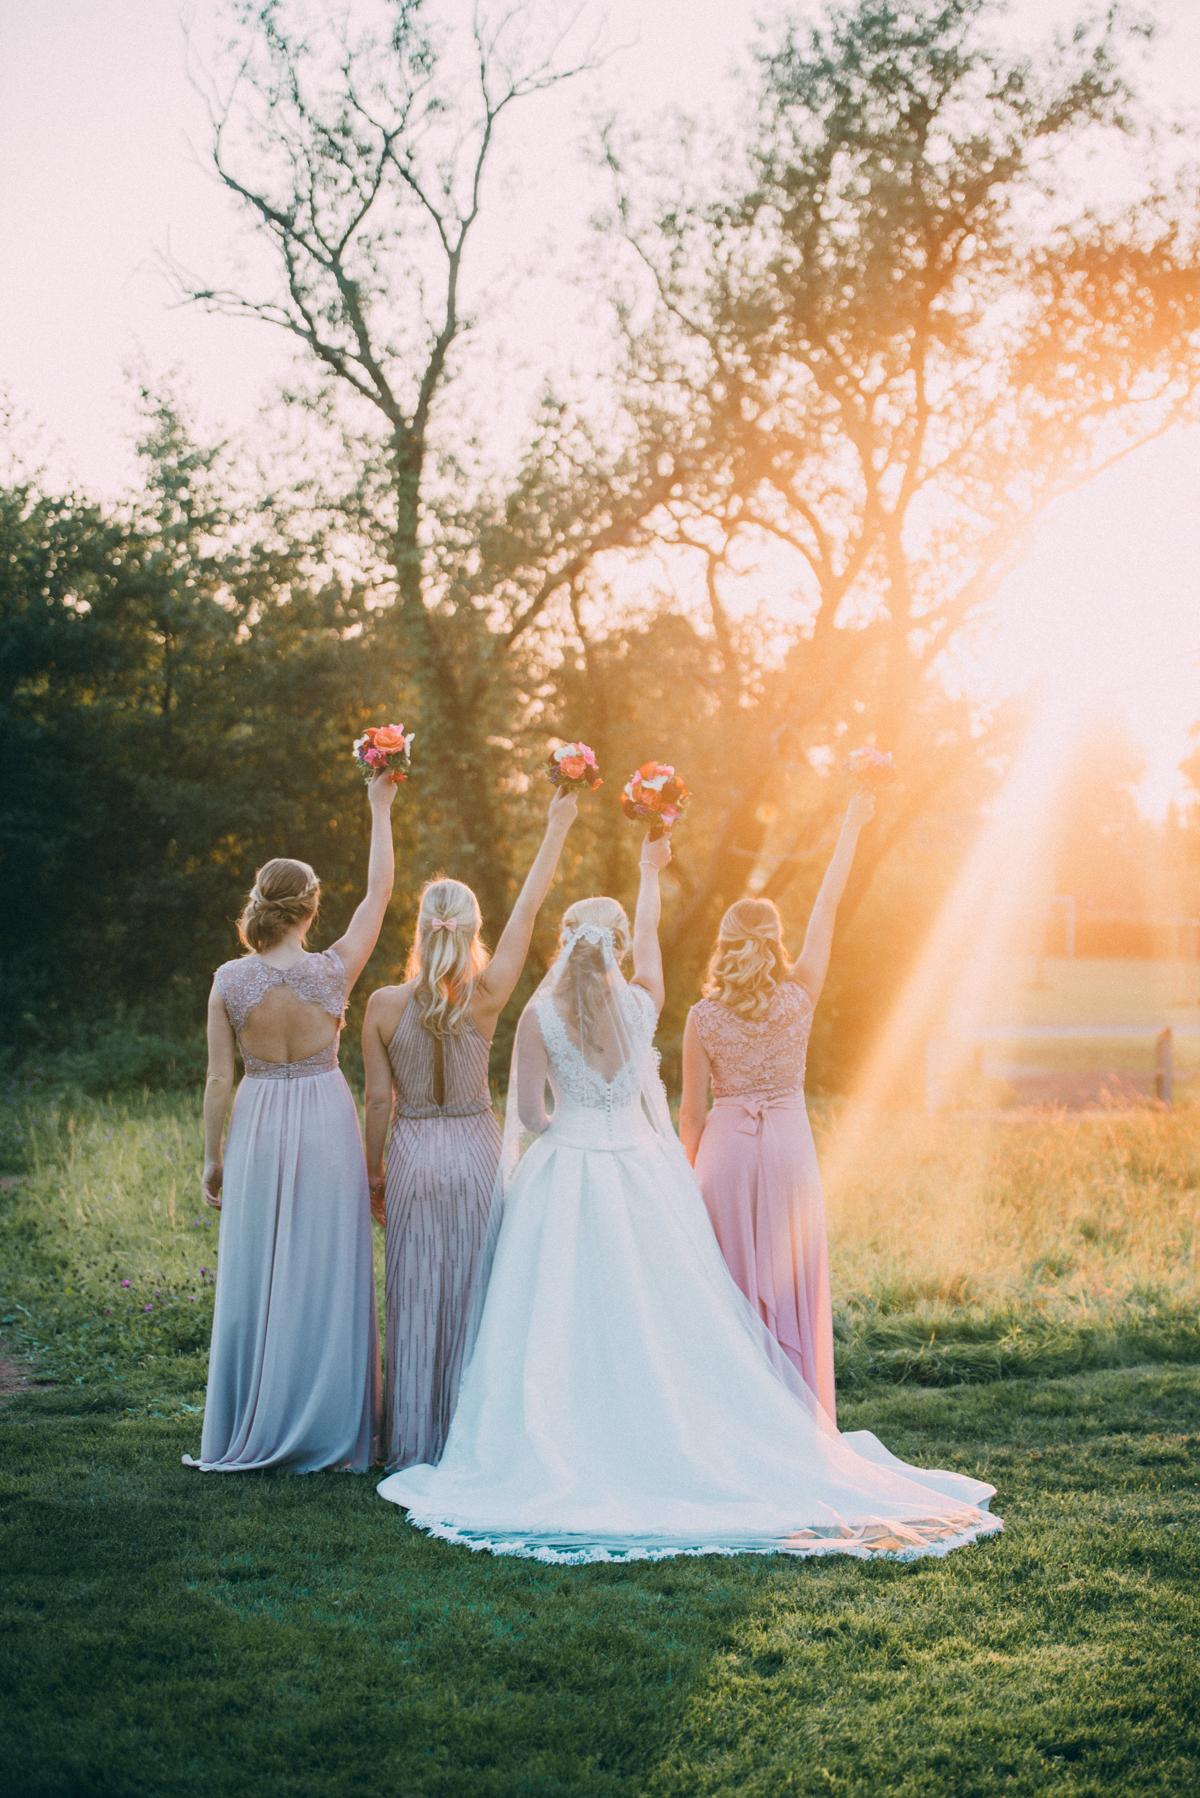 Gruppenfoto Hochzeit mit Trauzeuginnen Team Bride